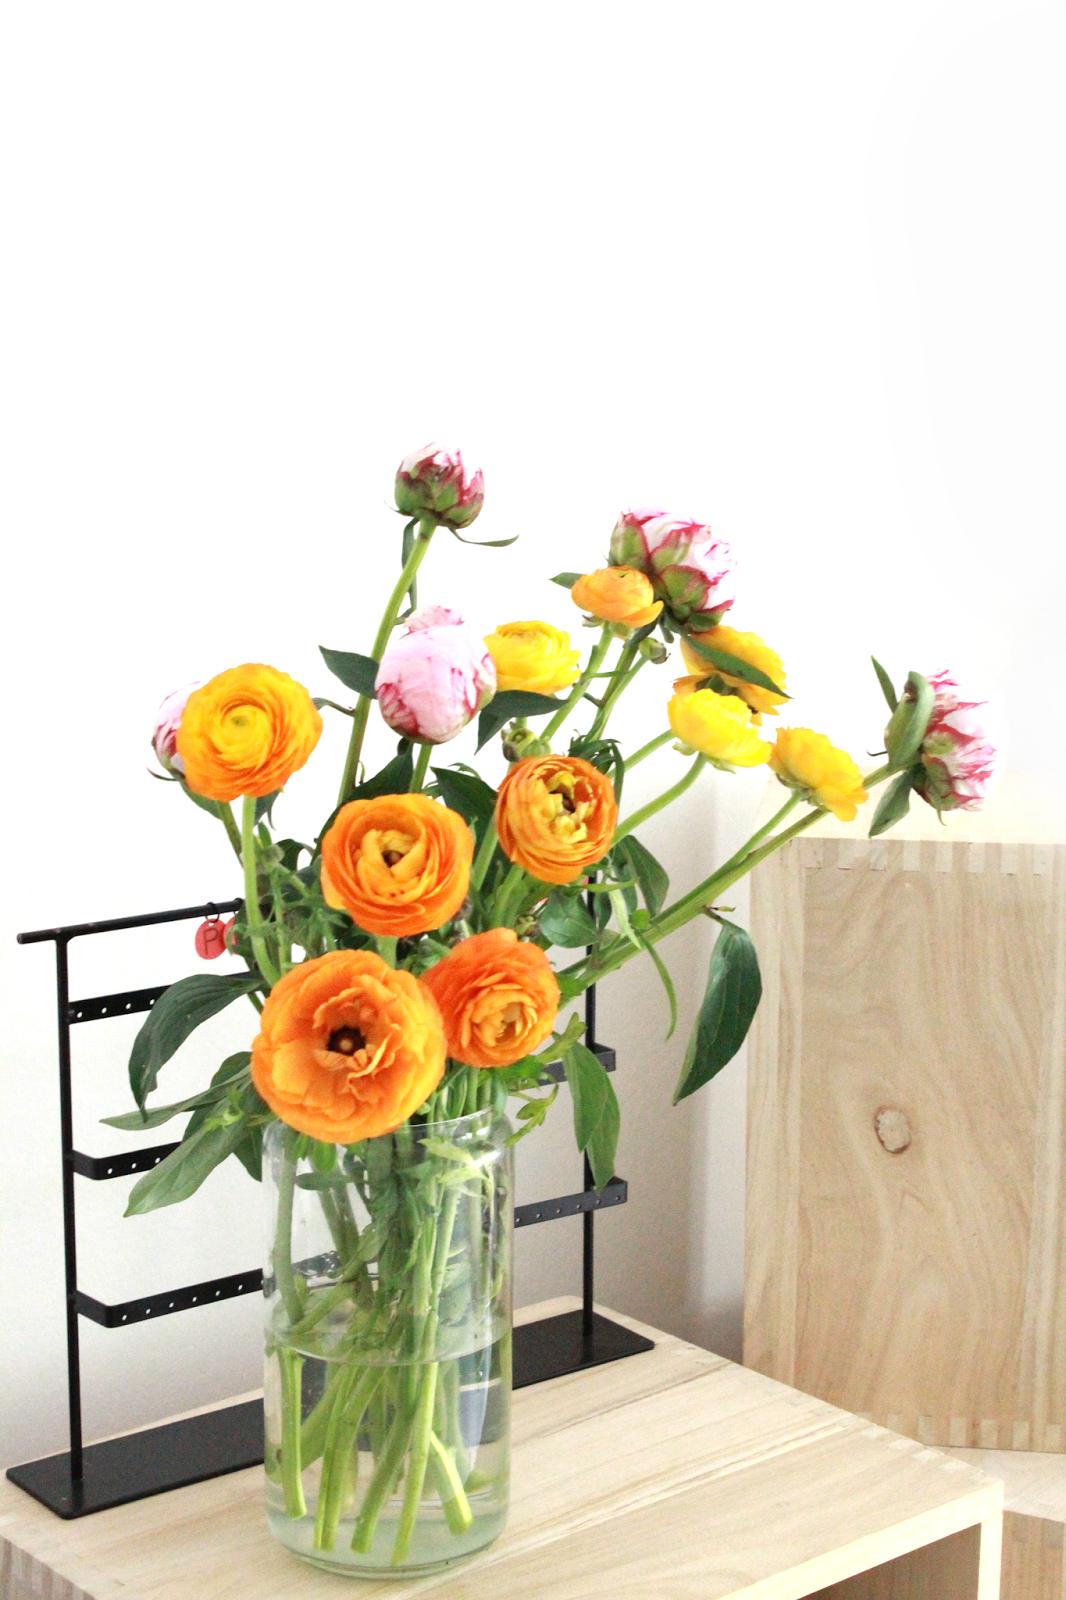 bouquet-week-21-2